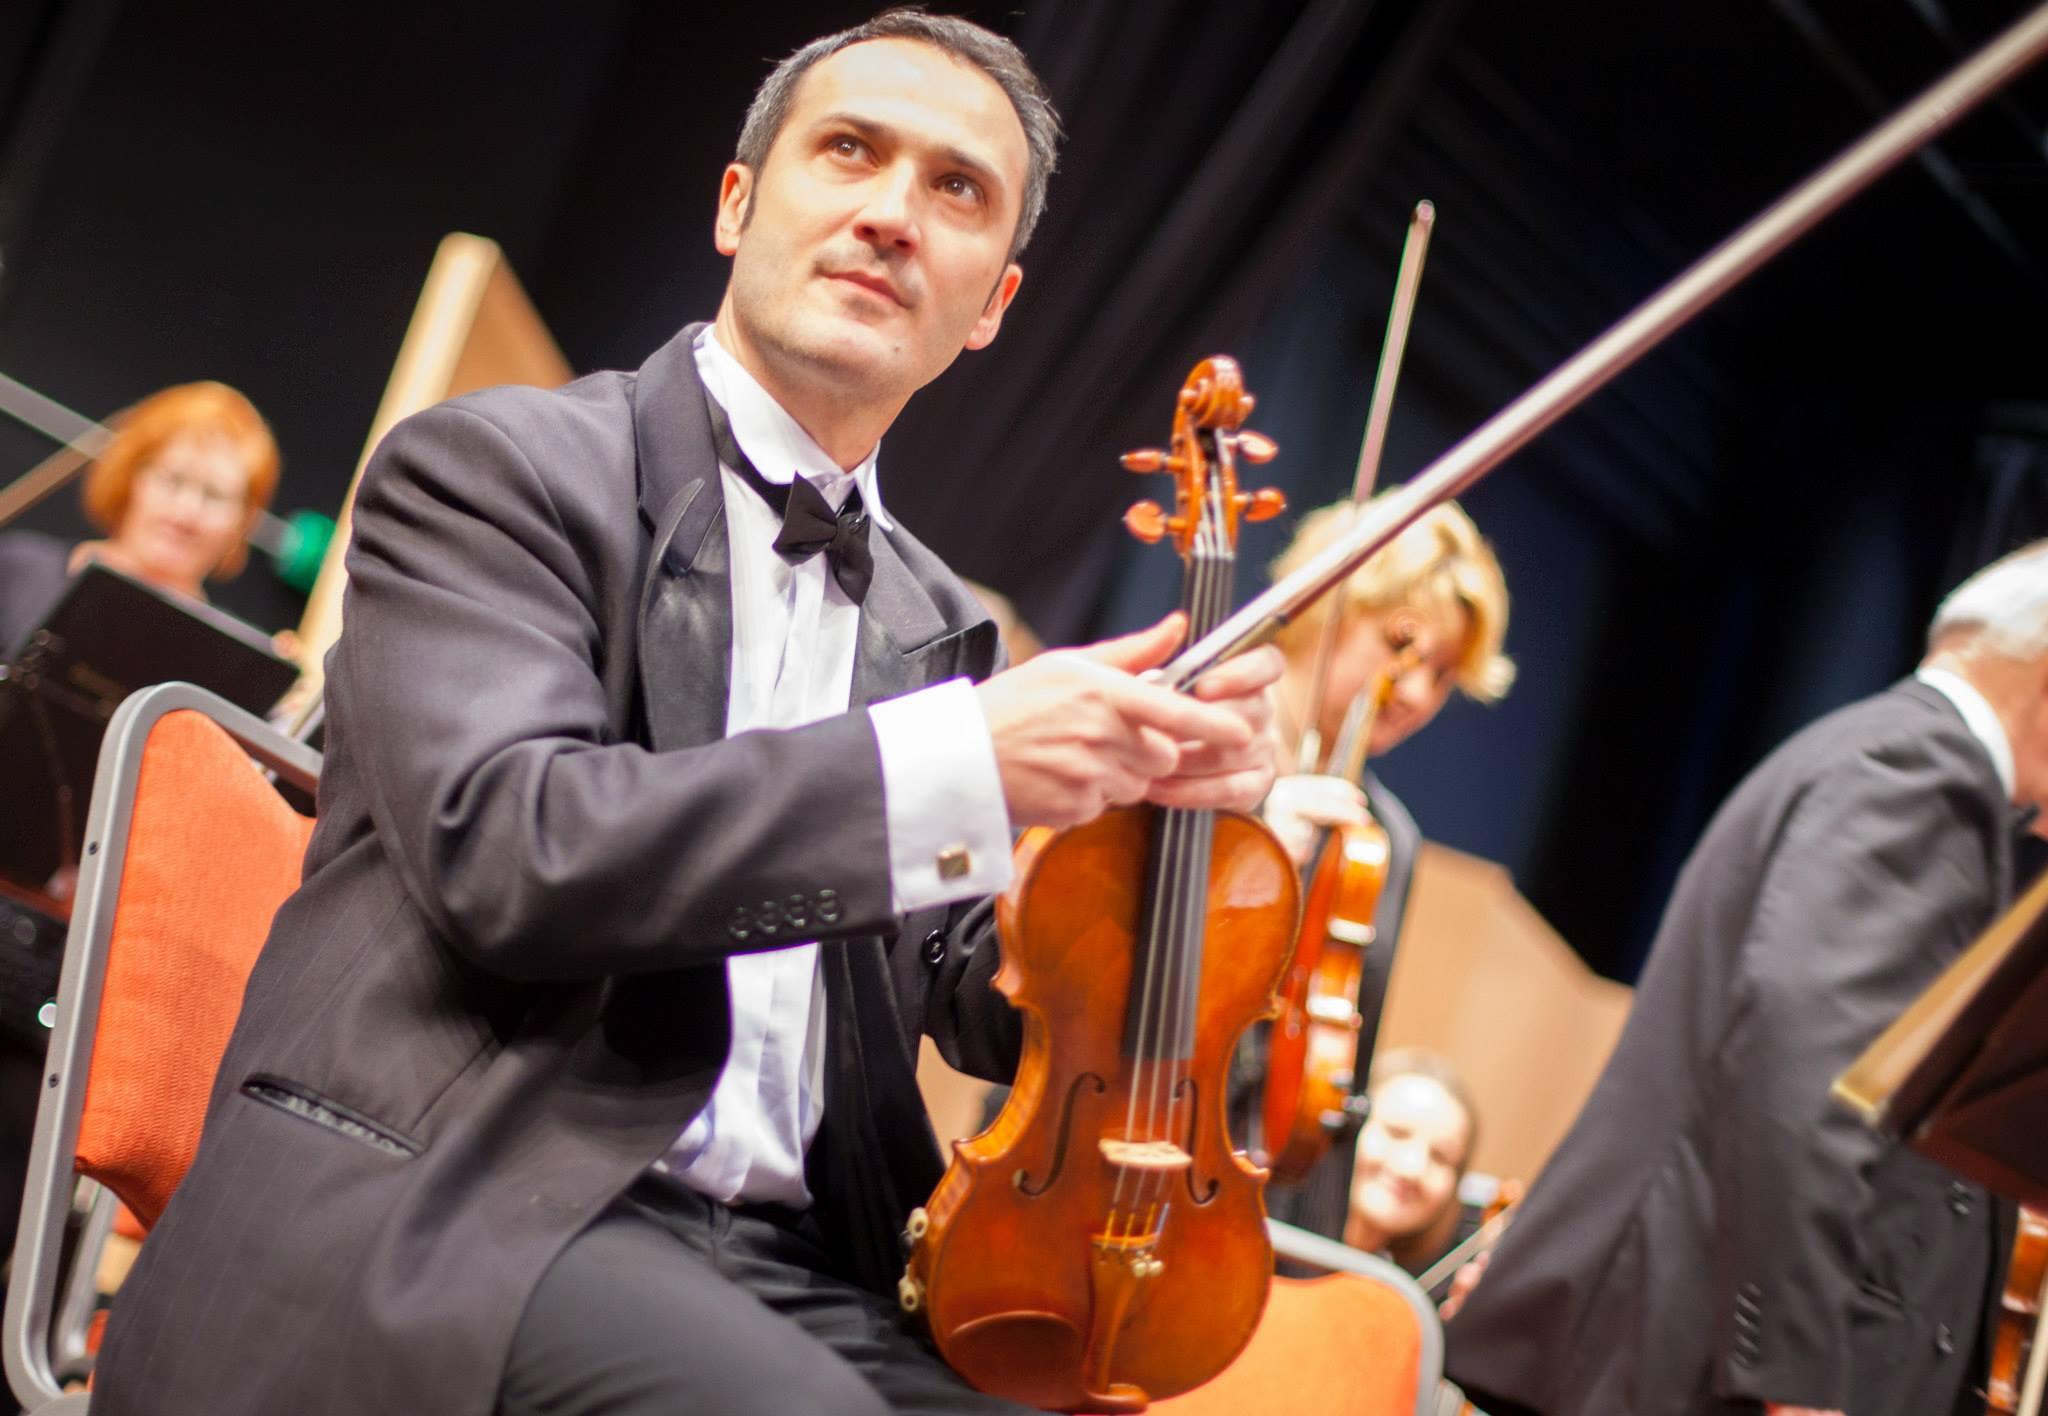 Jó műveket kell játszani, azokra vevő a közönség – villáminterjú Uhrin Viktorral